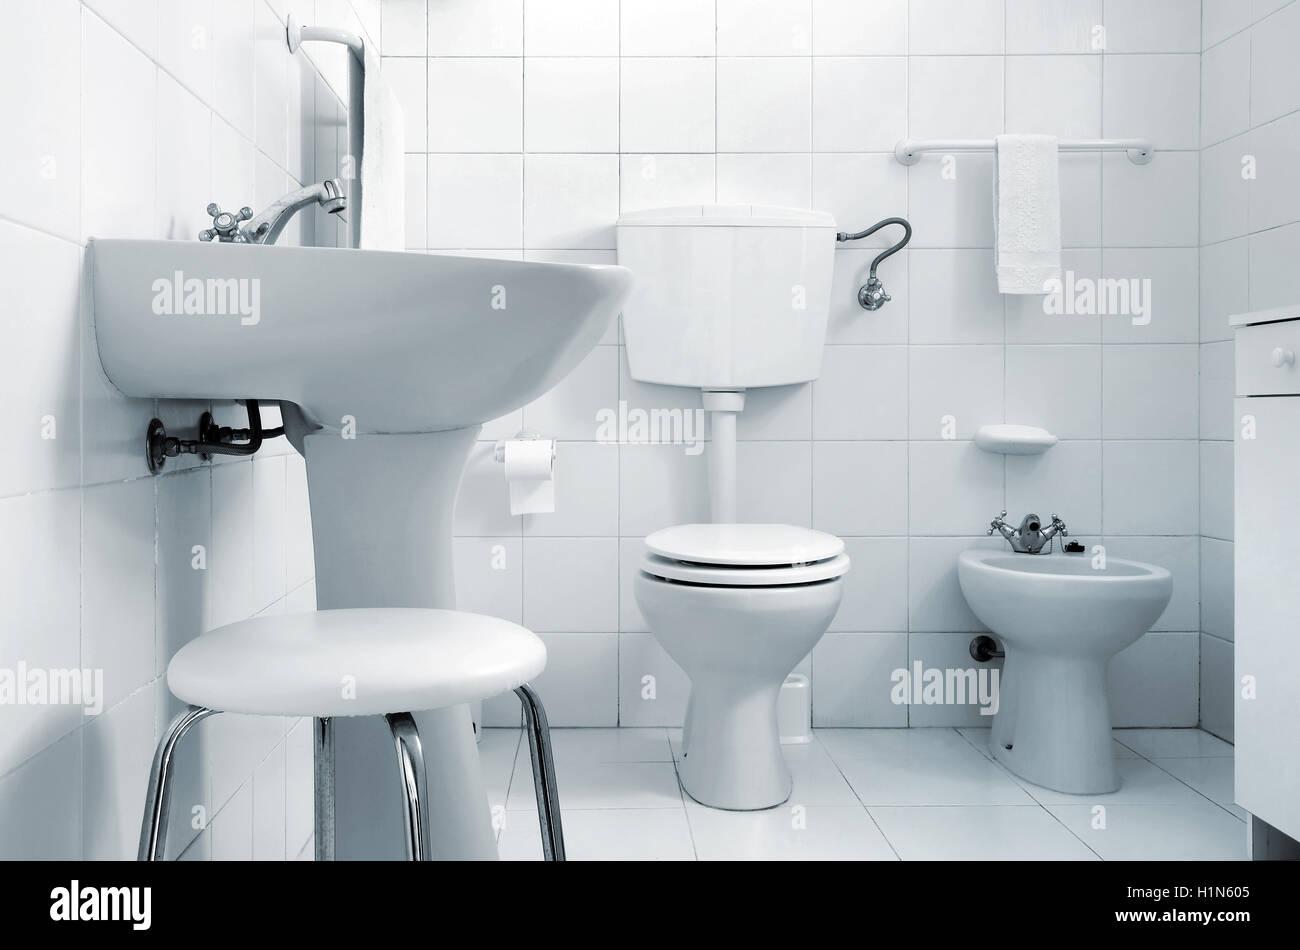 Schwarz Weiss Bild Einer Toilette Mit Wc Bidet Waschbecken Und